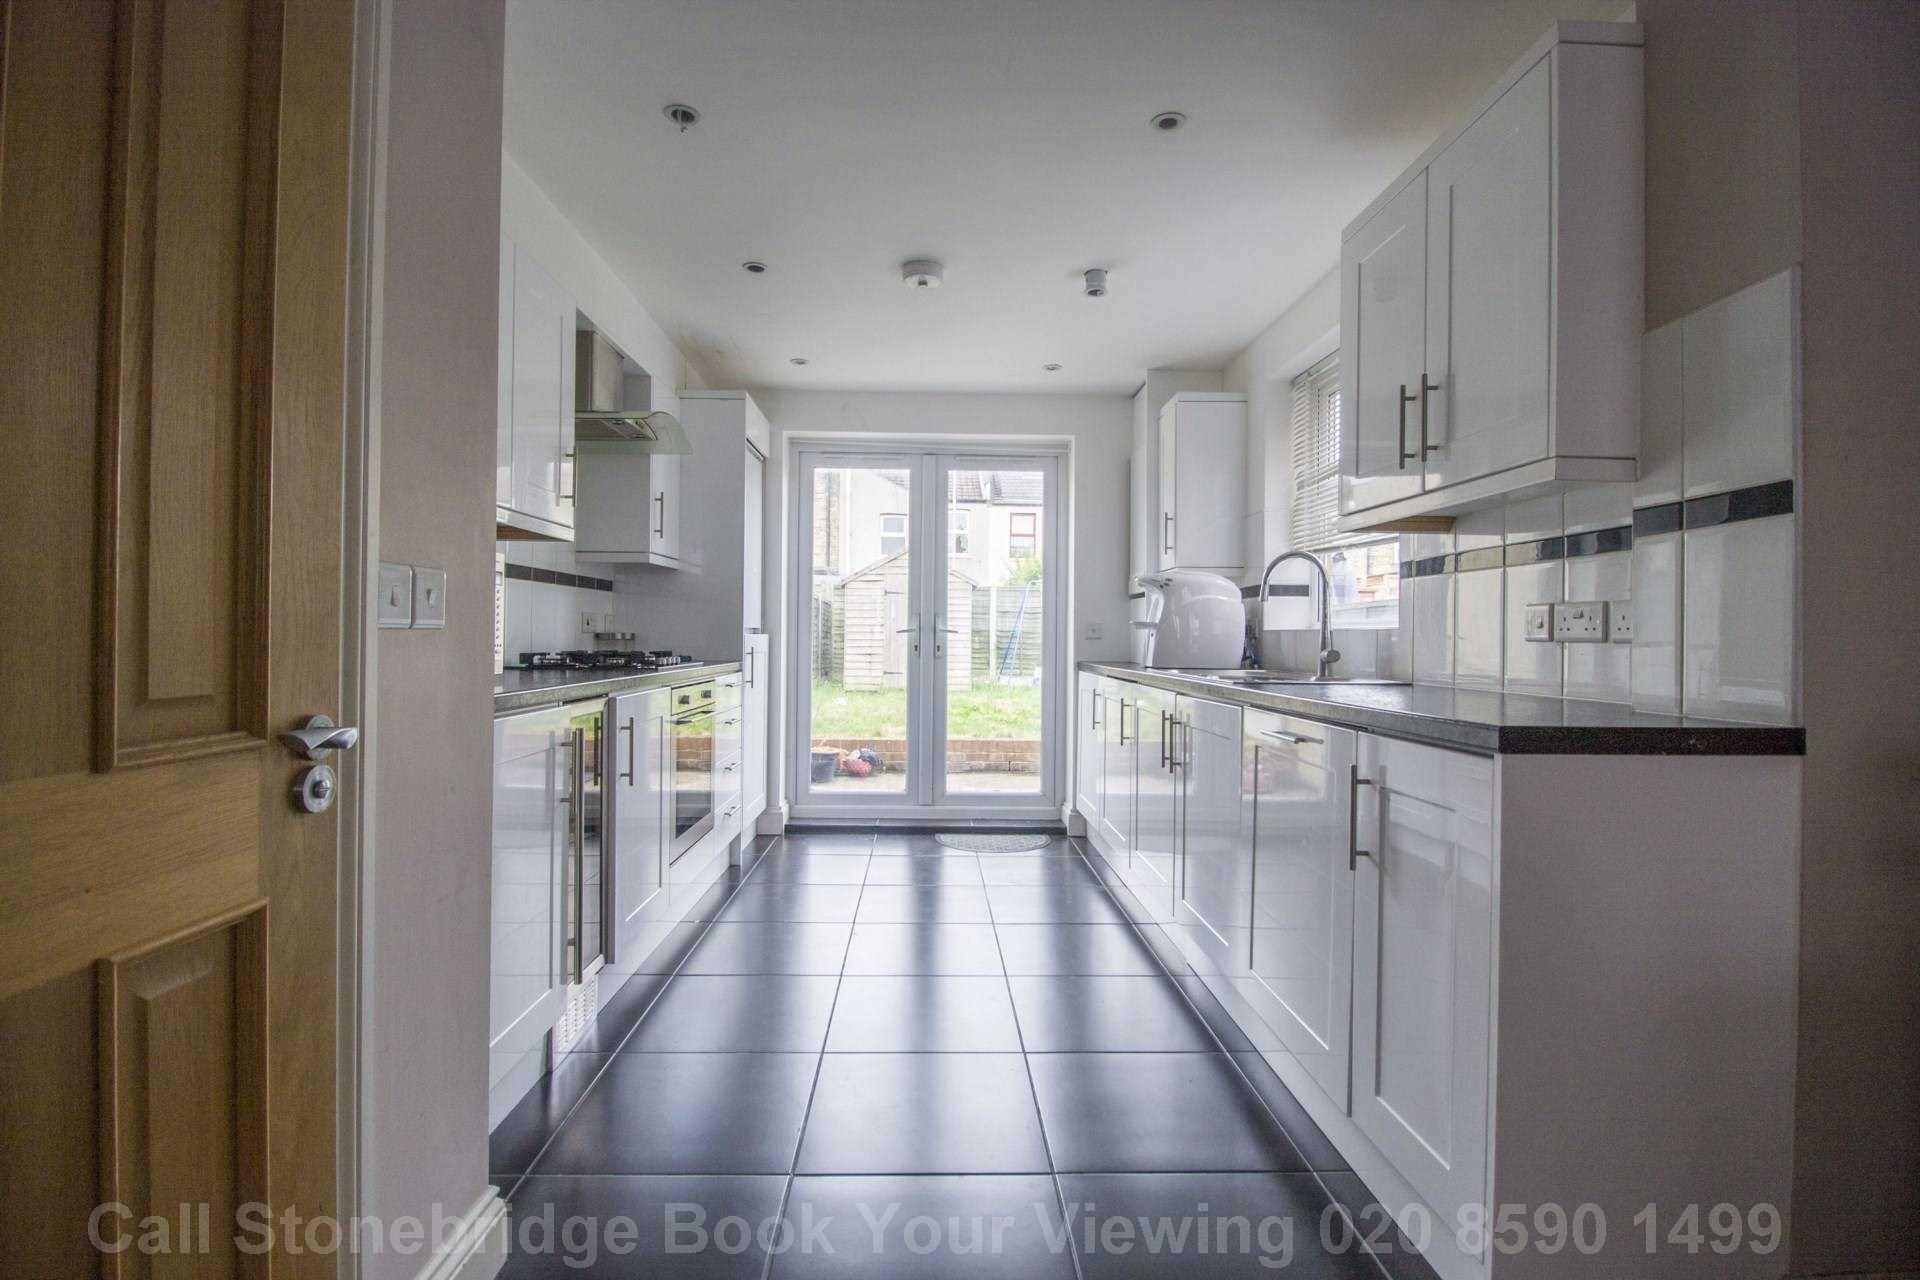 Kenneth Road, Chadwell Heath RM6, Image 5